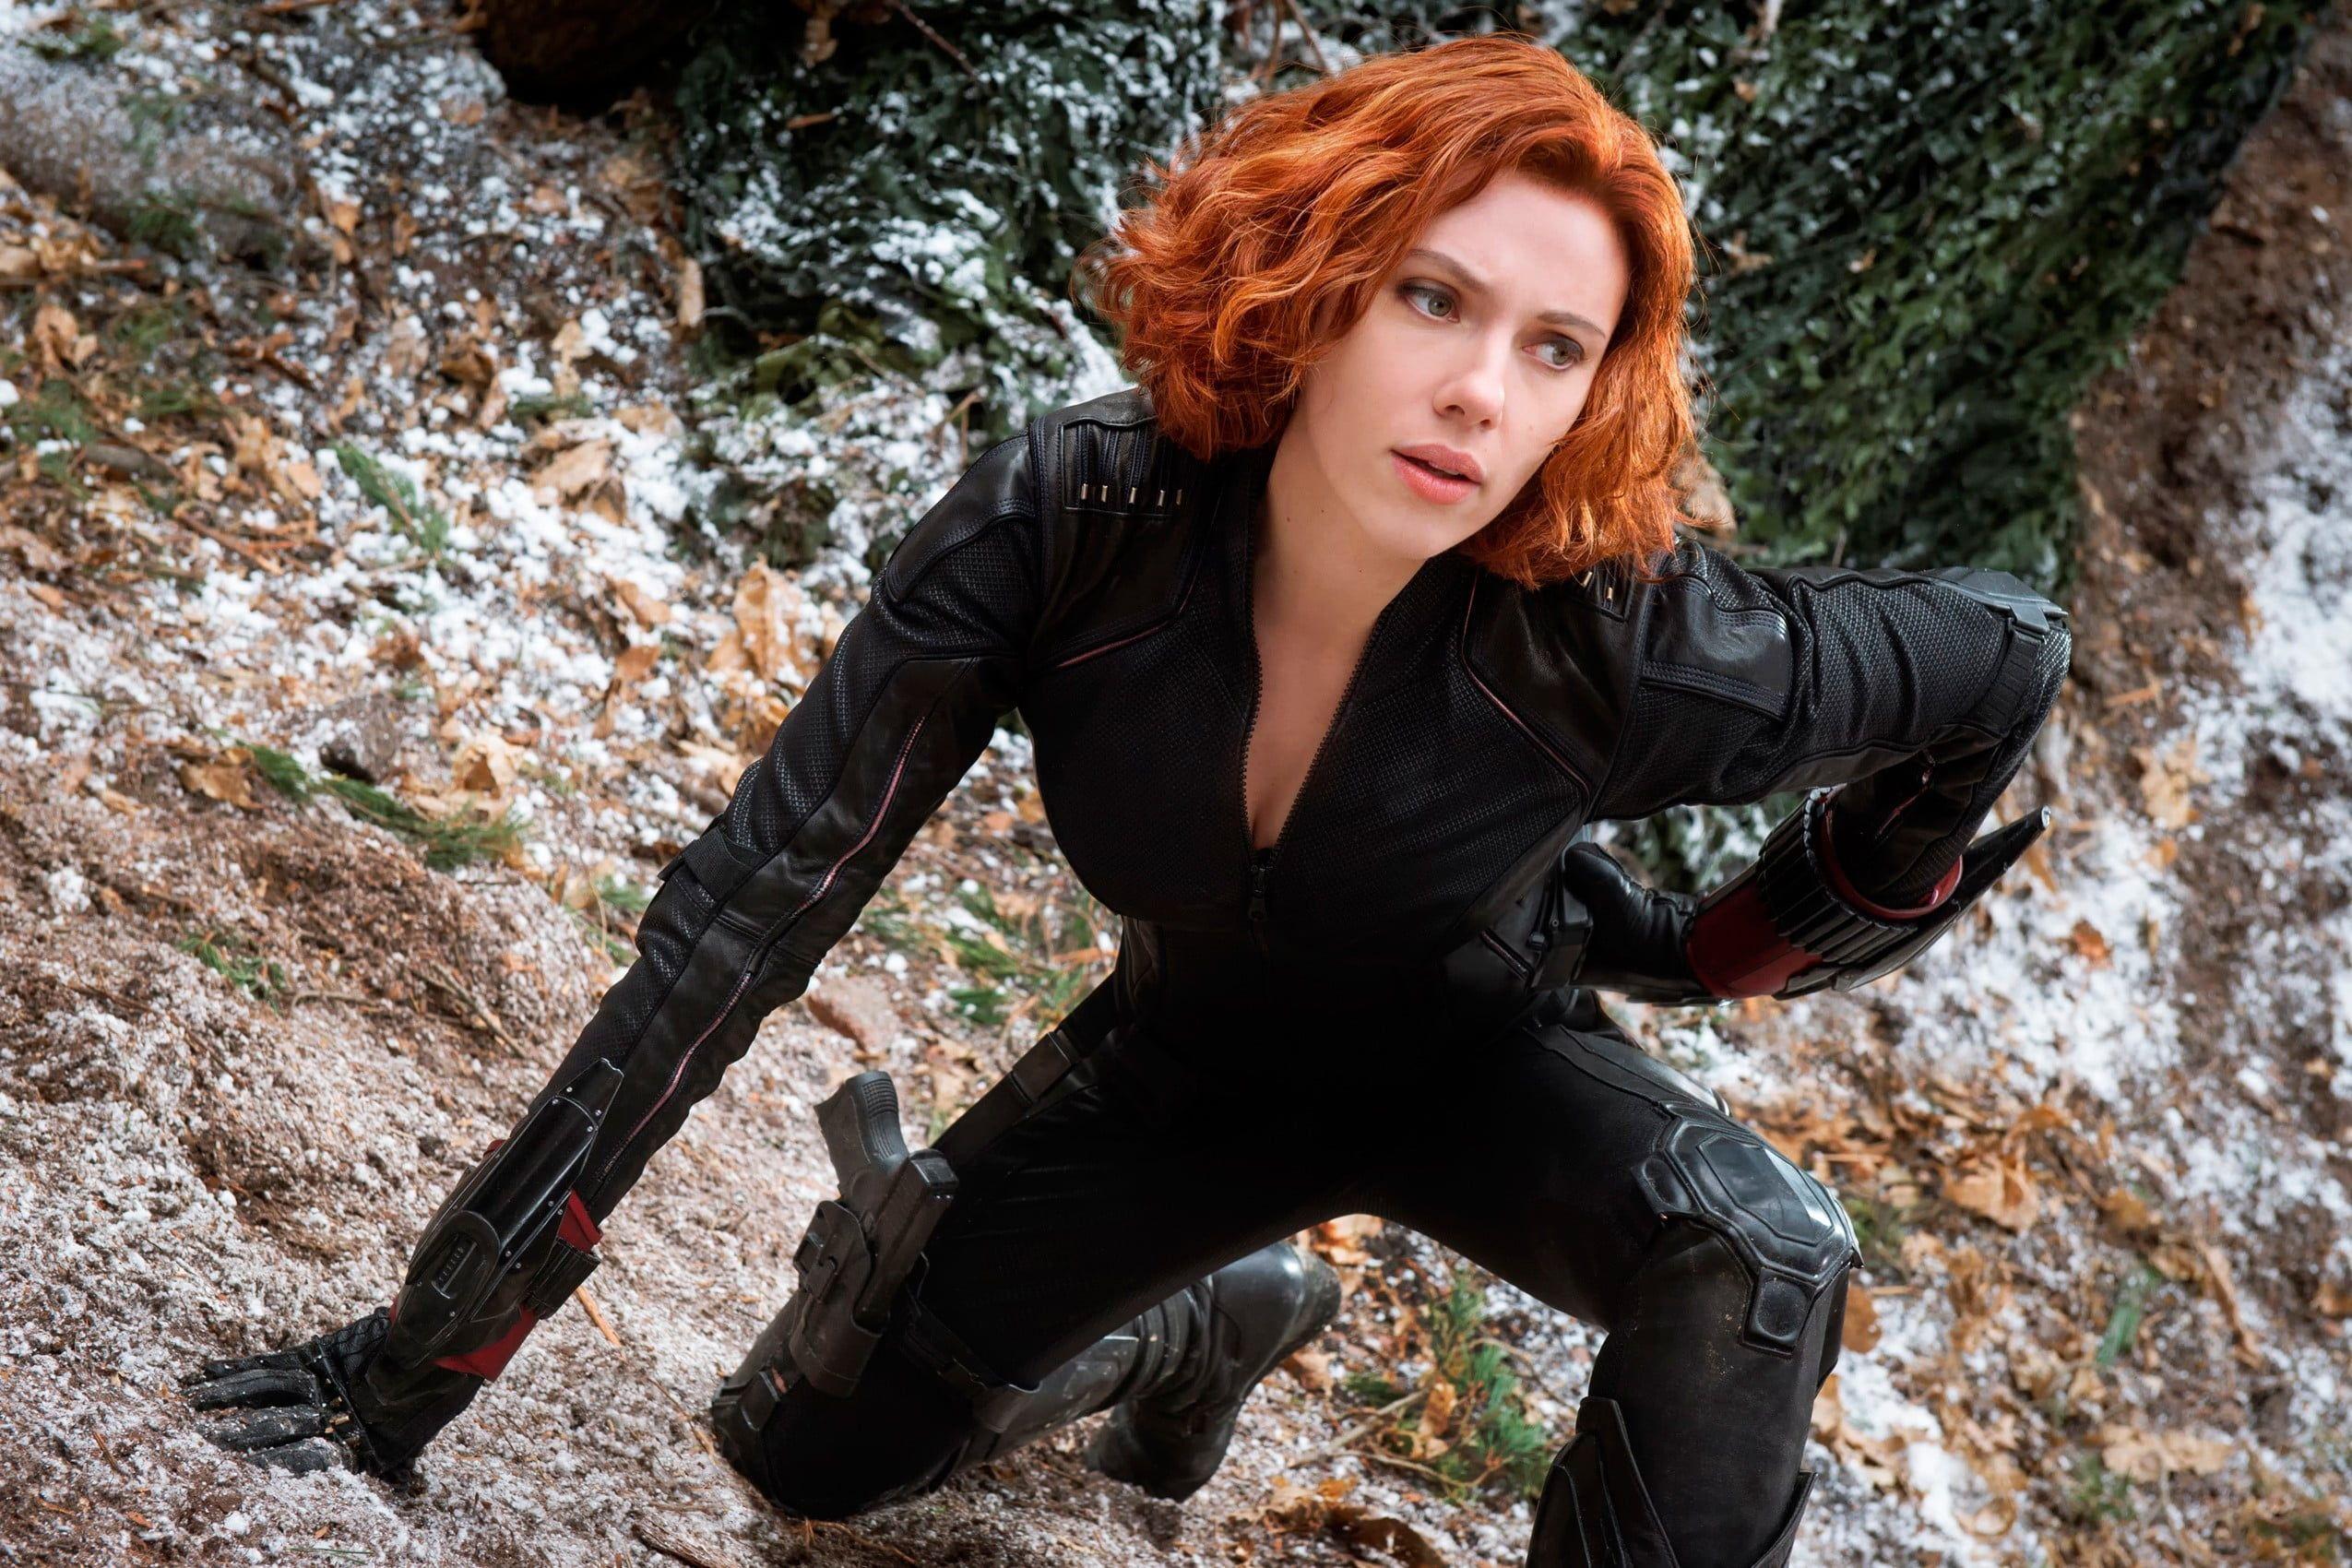 Black Widow Avengers Scarlett Johansson Black Widow The Avengers Avengers Age Of Ultron Marvel Viuda Negra Los Vengadores Viuda Negra Traje De La Viuda Negra